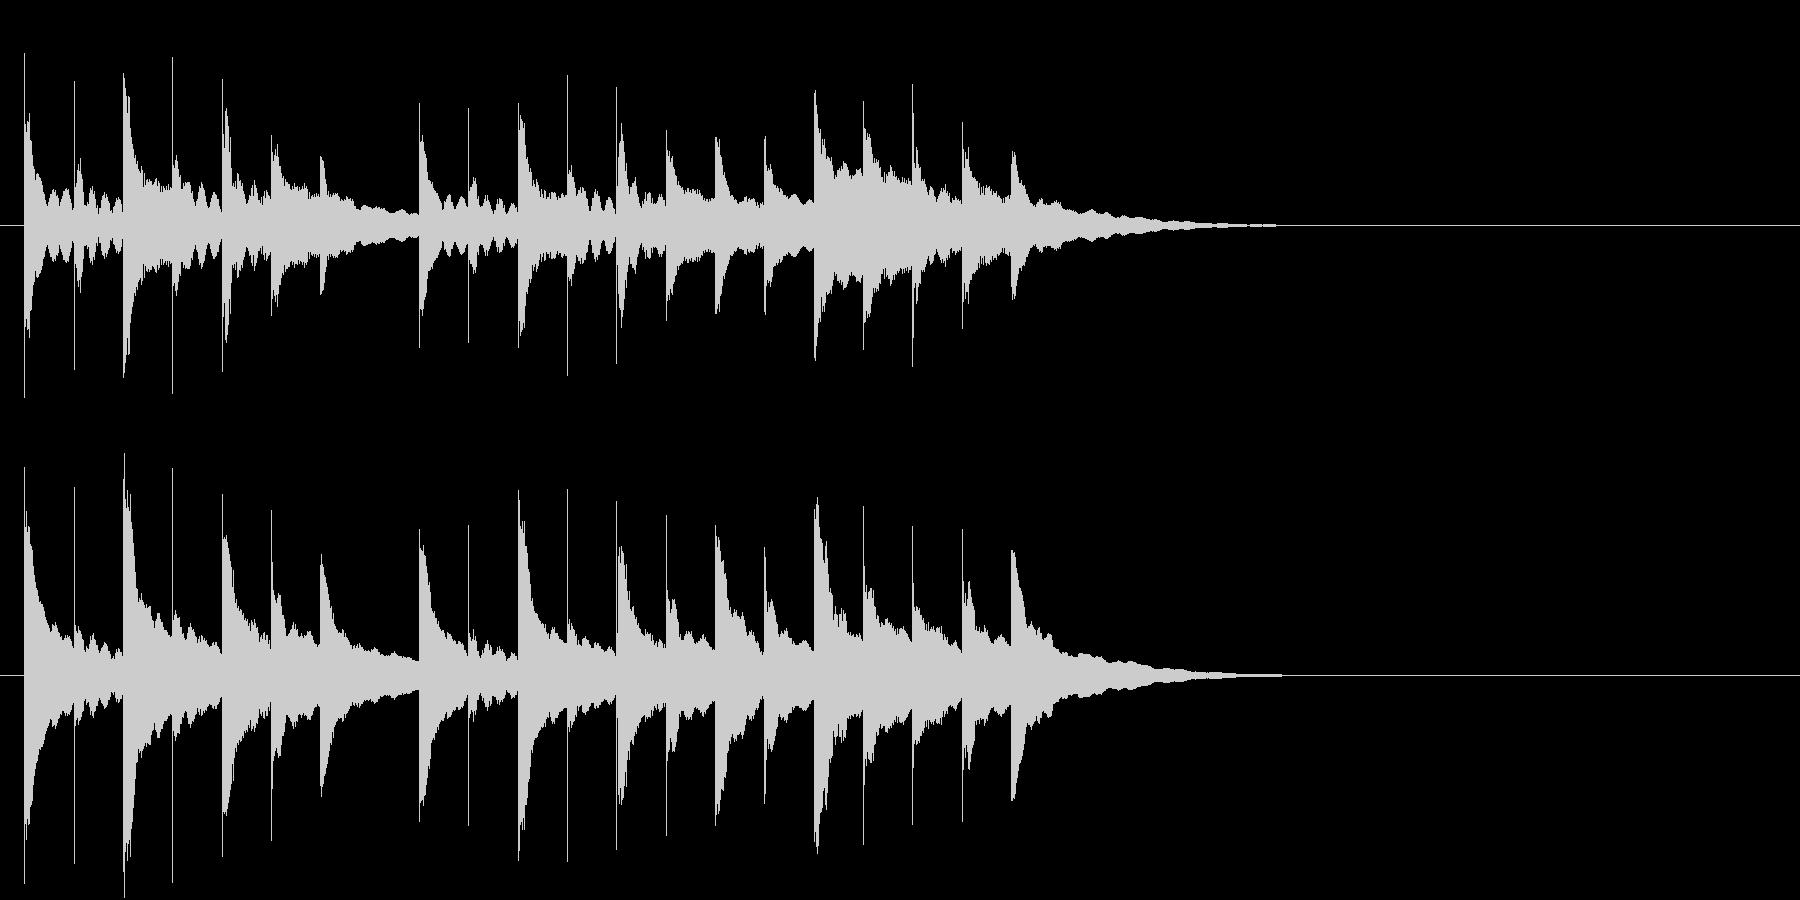 オルゴールのジングルの未再生の波形